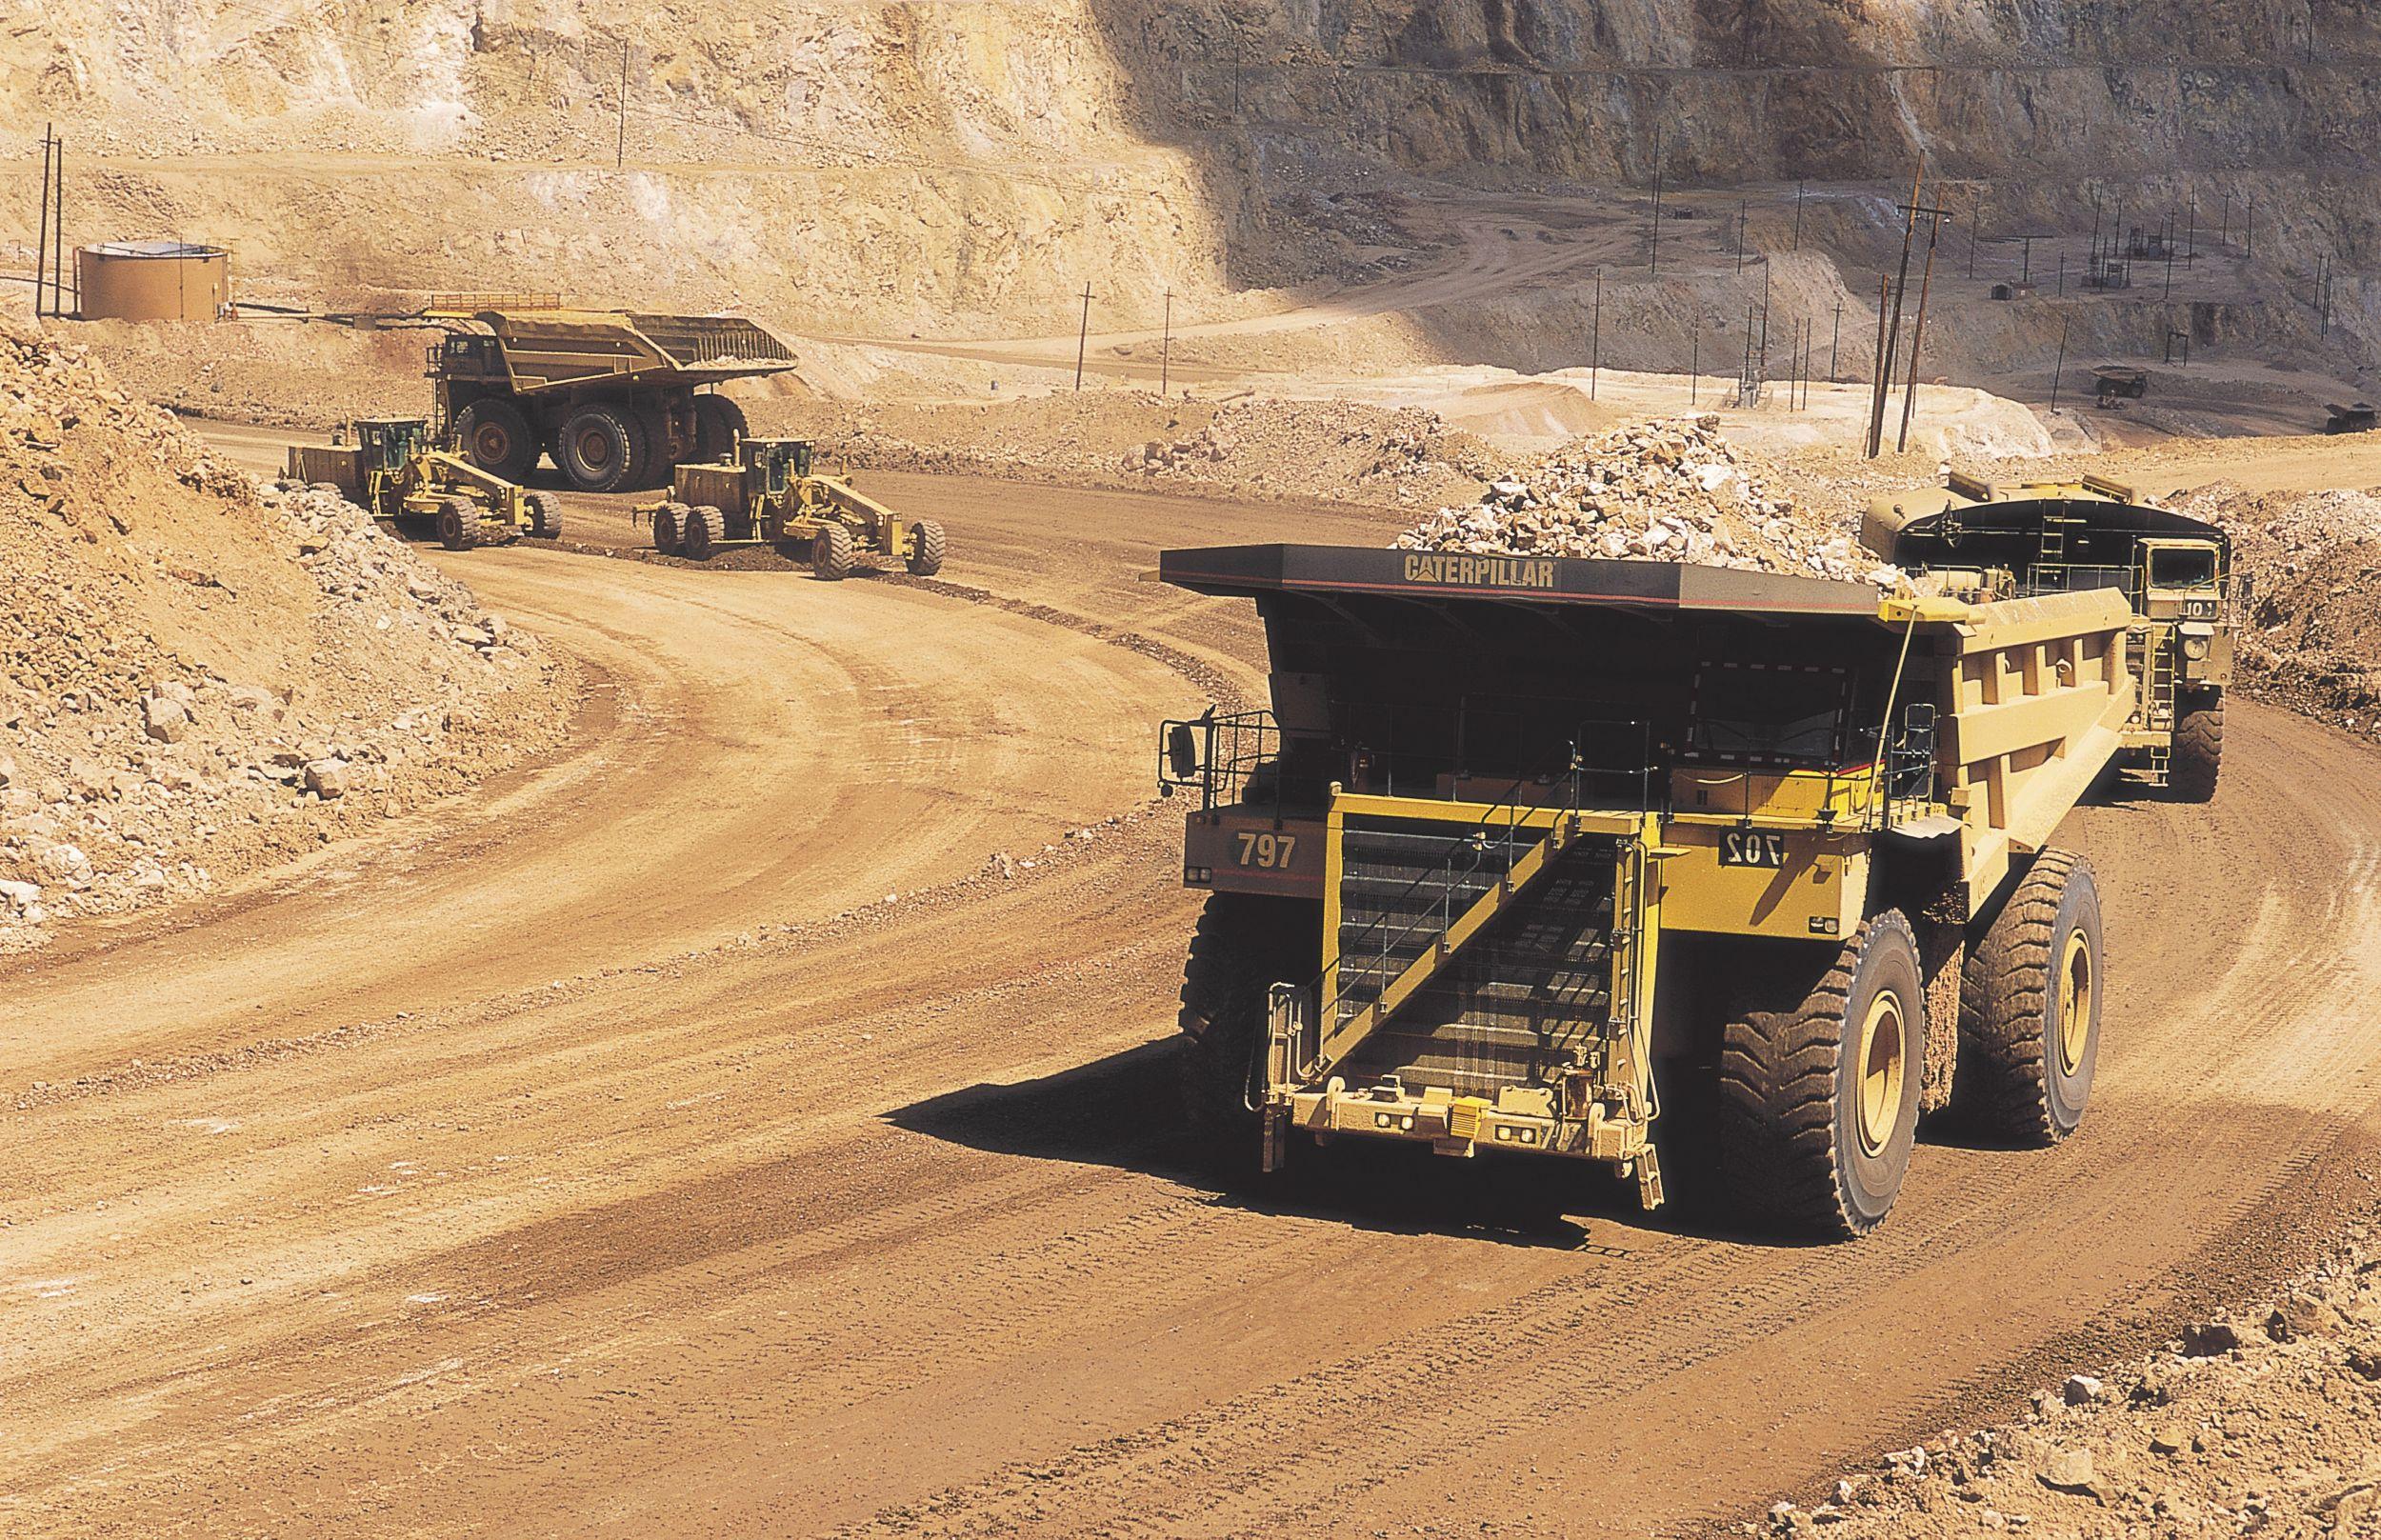 Cat 797 Mining Trucks